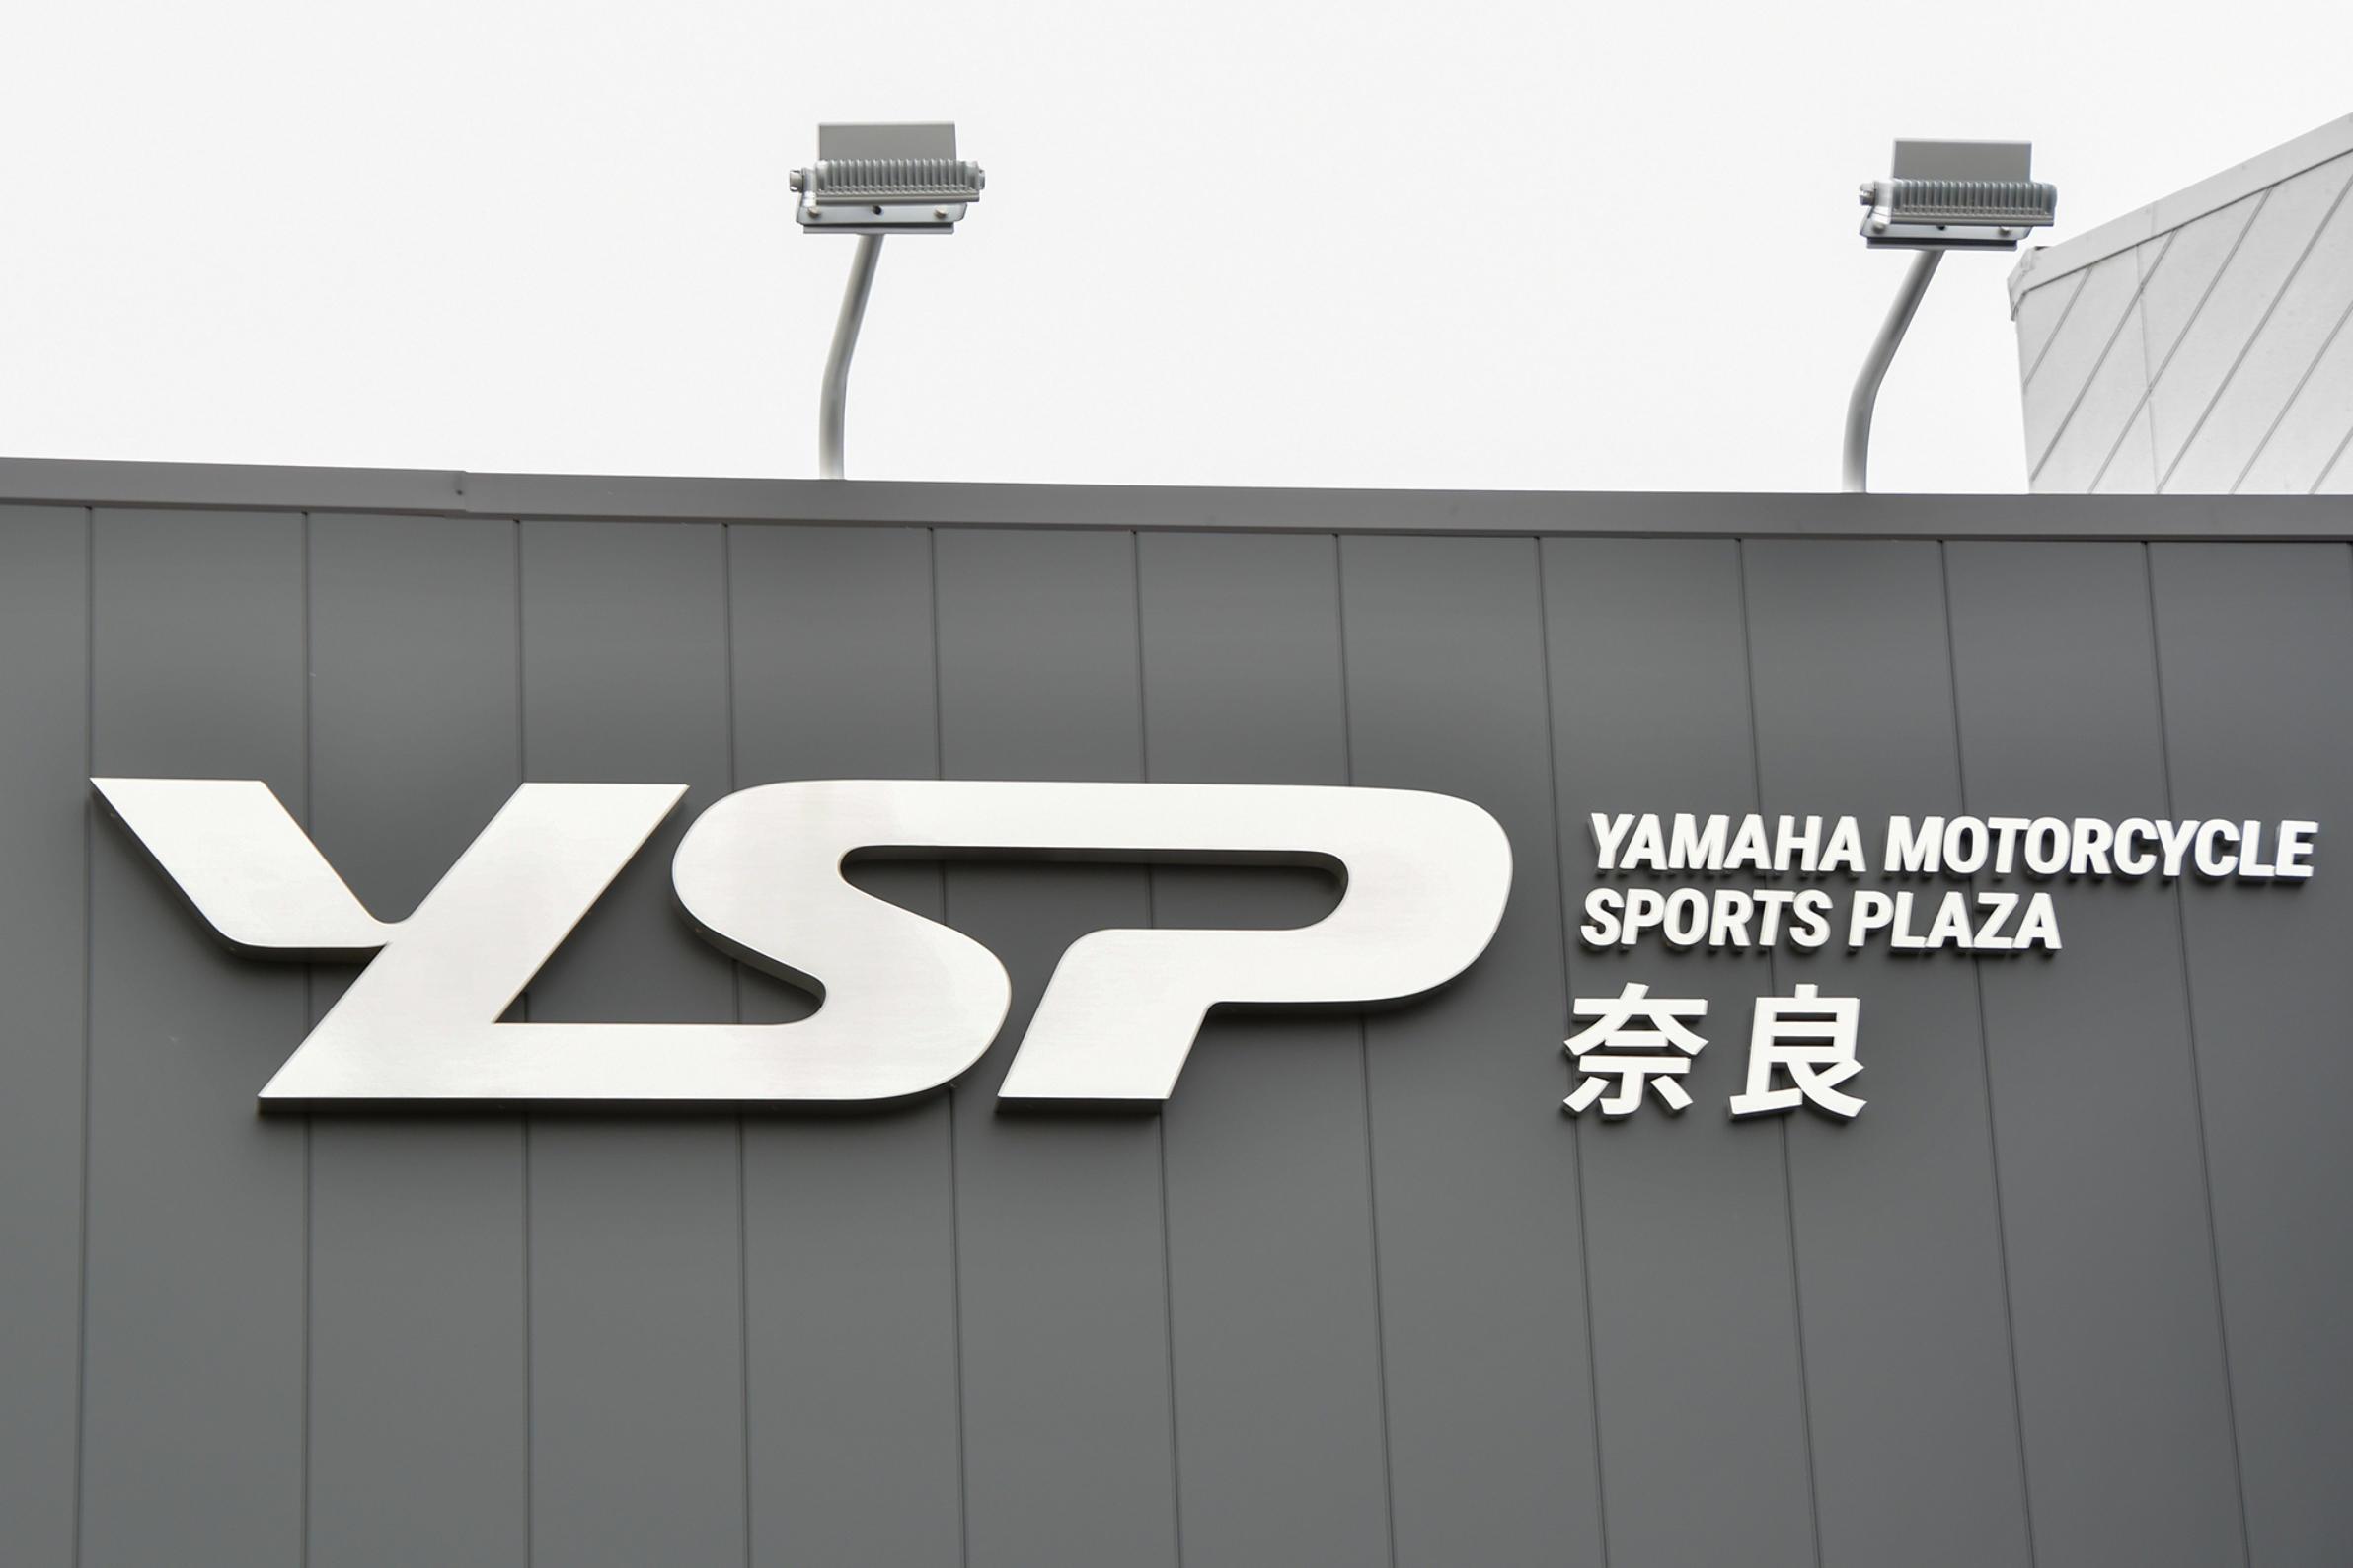 奈良にYSPがオープン!オシャレな店舗で安心のバイクライフをサポートします